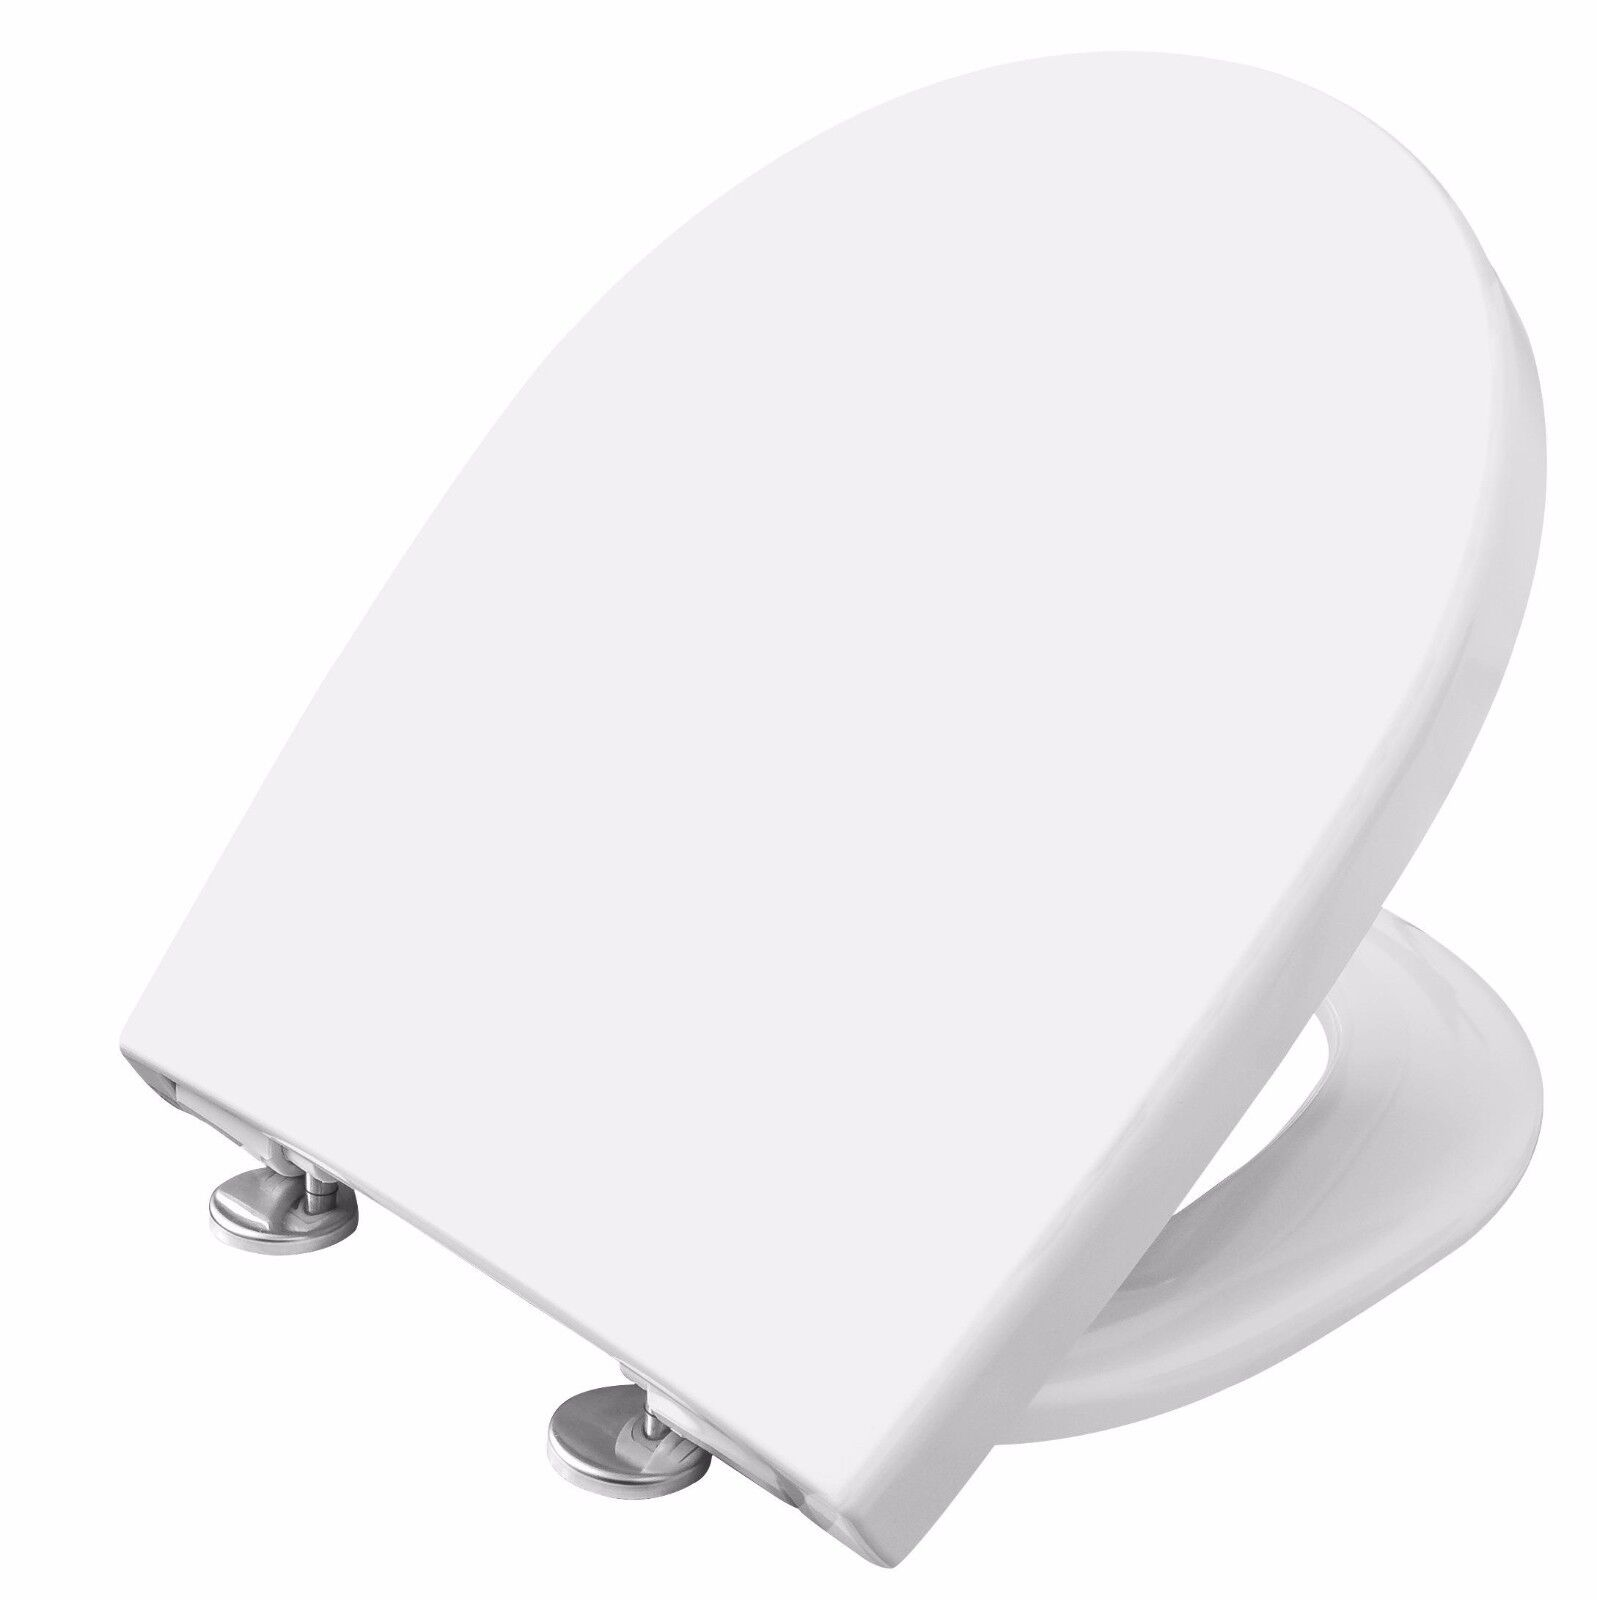 CORNAT WC-Sitz PREMIUM 6 Duroplast weiß | Neue Sorten werden eingeführt